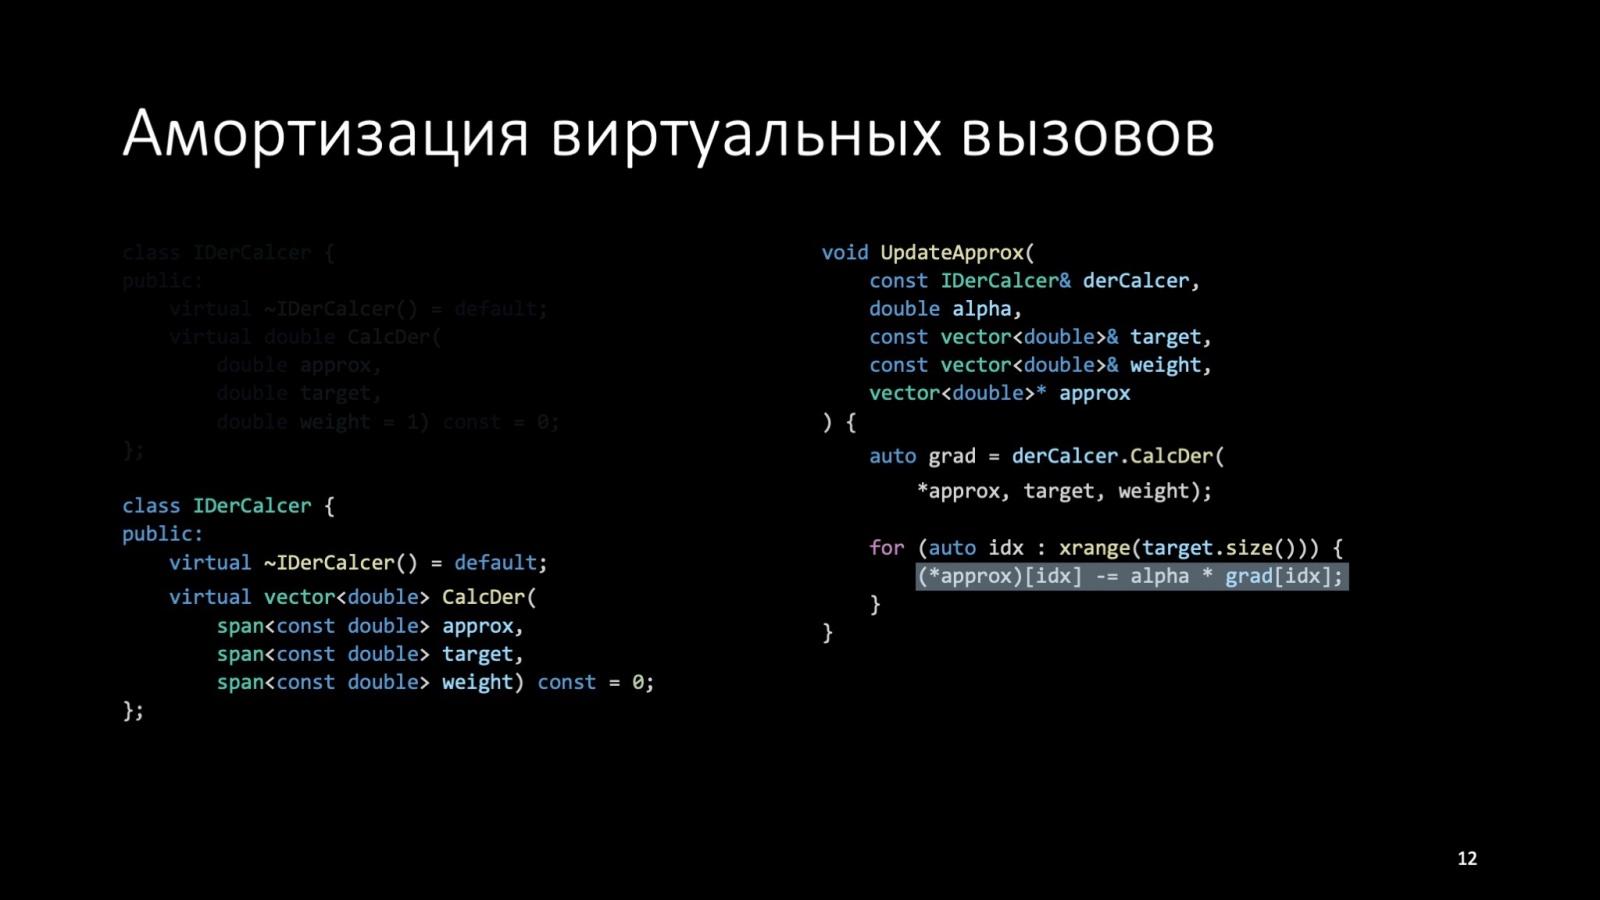 Оптимизация C++: совмещаем скорость и высокий уровень. Доклад Яндекса - 12